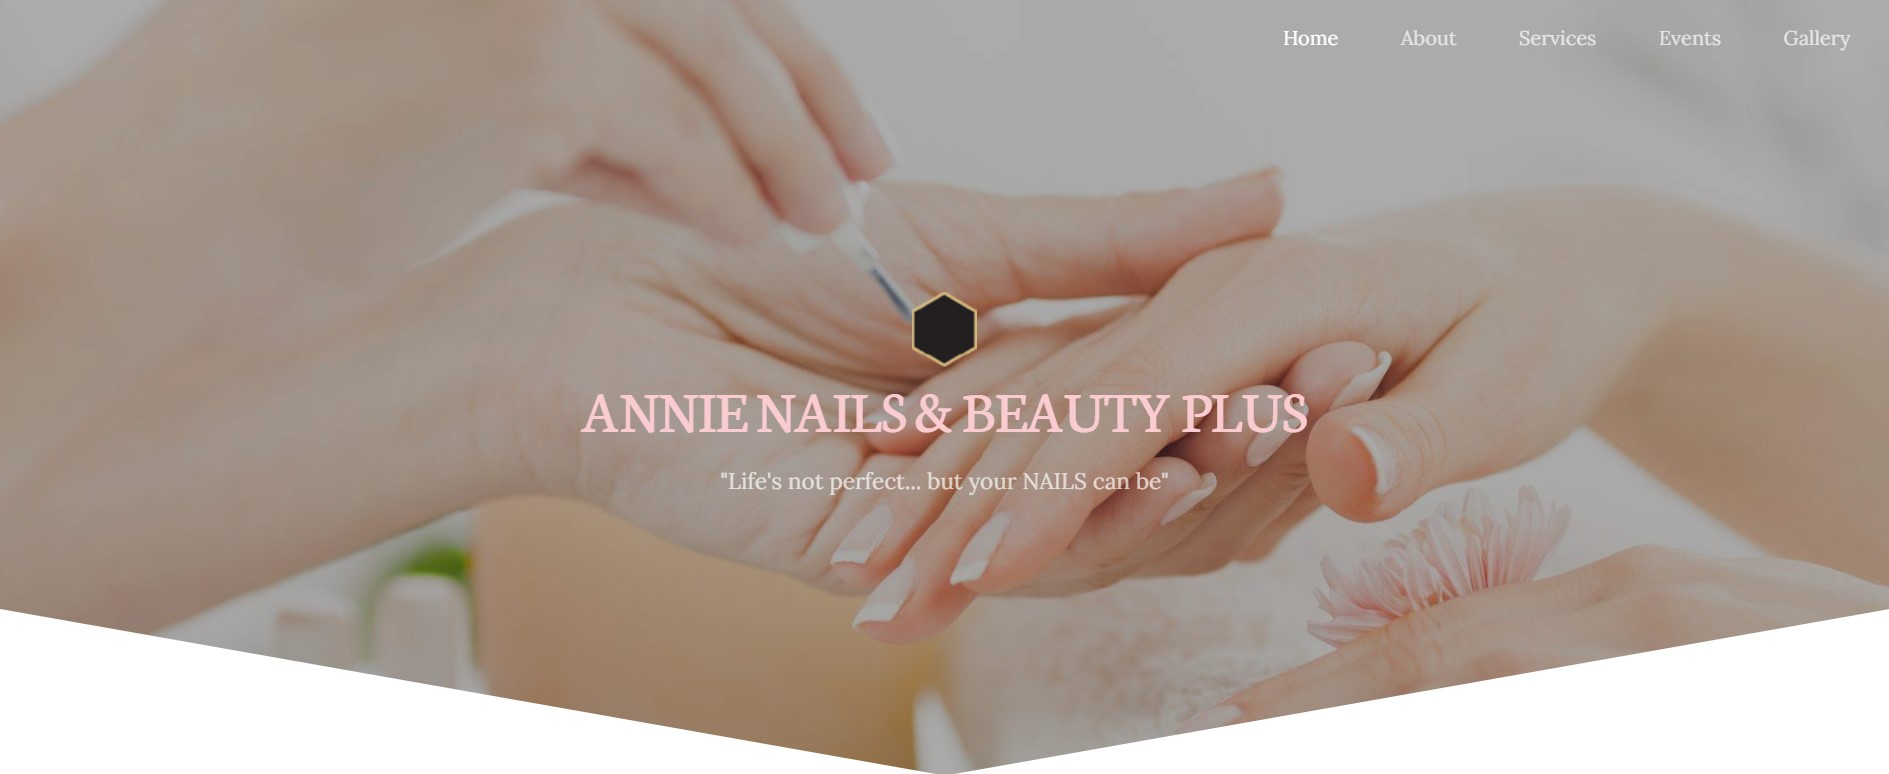 annie nails & beauty plus nail salon in hamilton